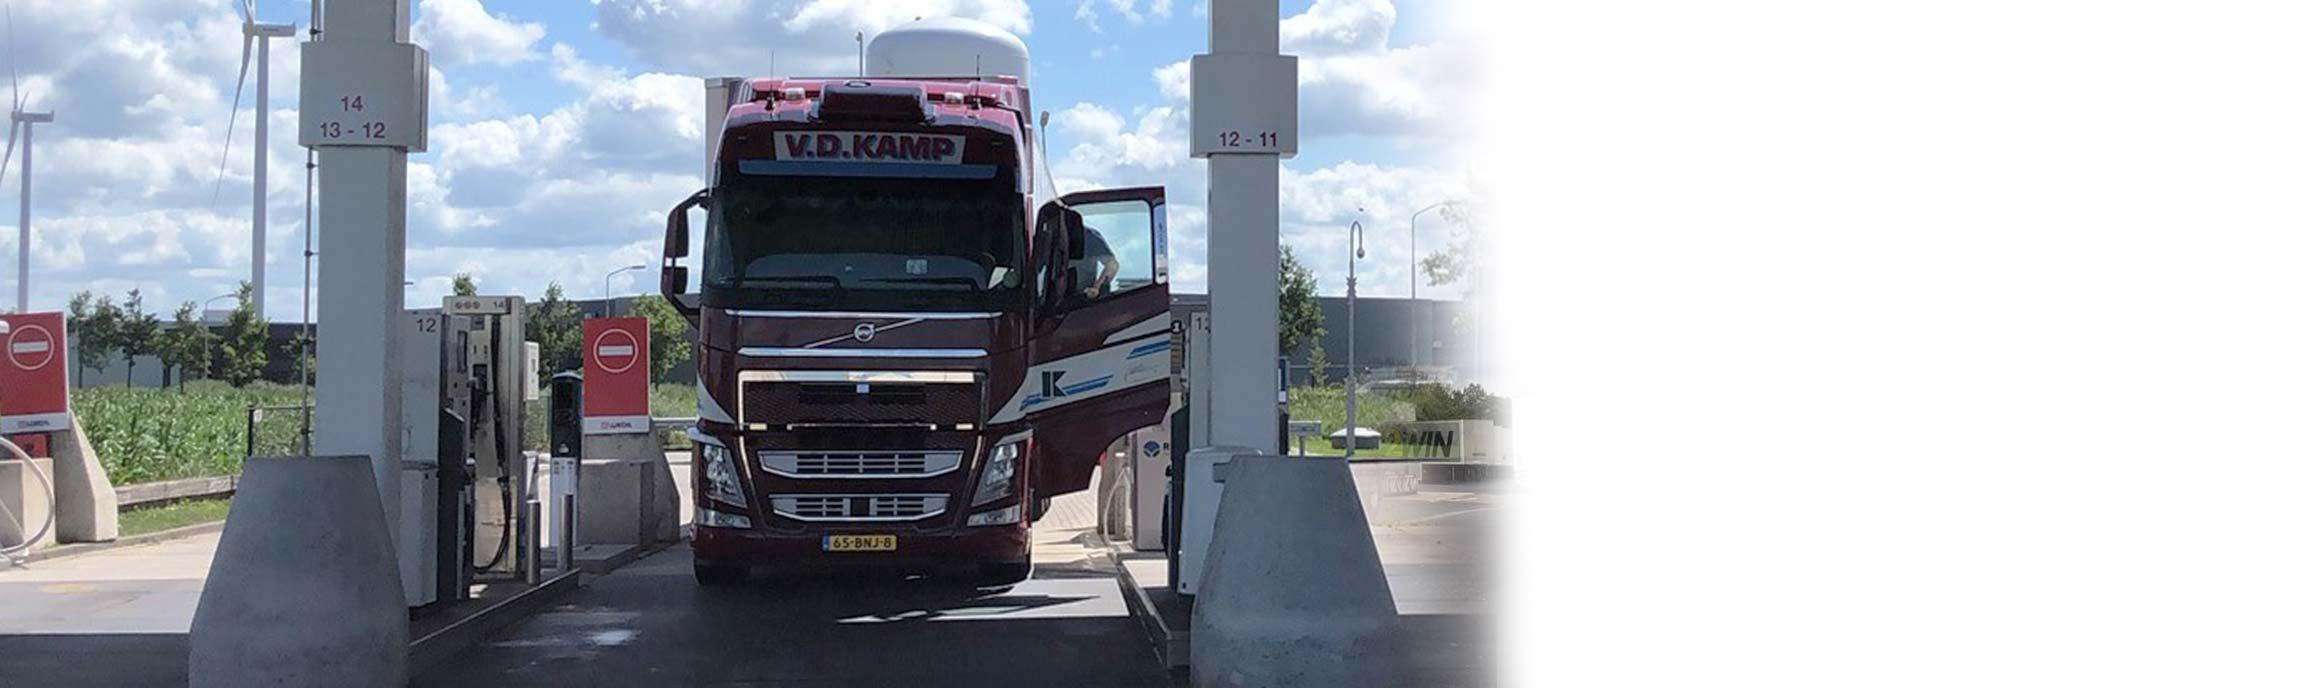 Met een Volvo FH LNG naar Zuid-Italië is echt geen enkel probleem meer